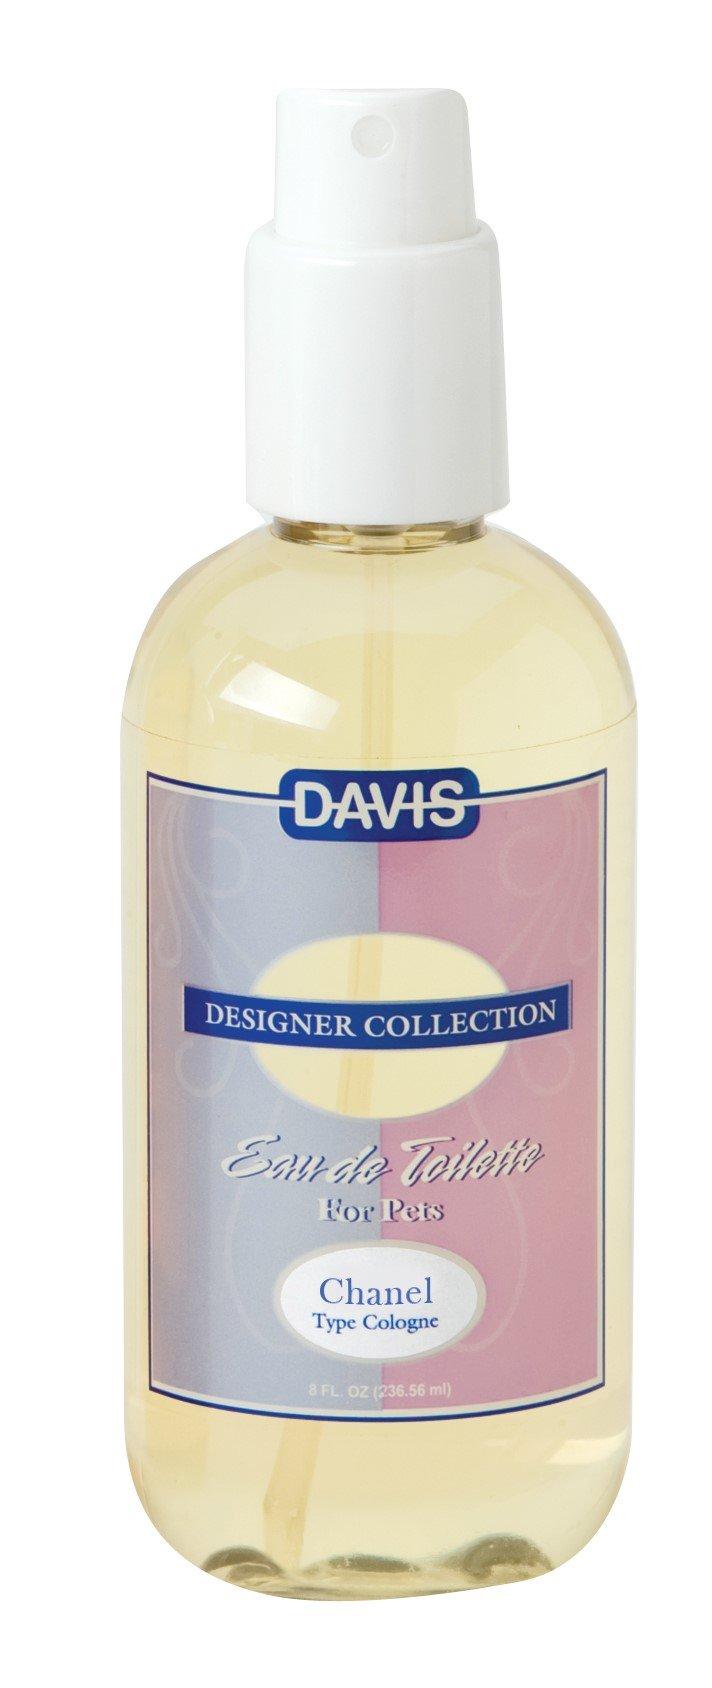 Davis Chanel Type Pet Cologne, 8 oz